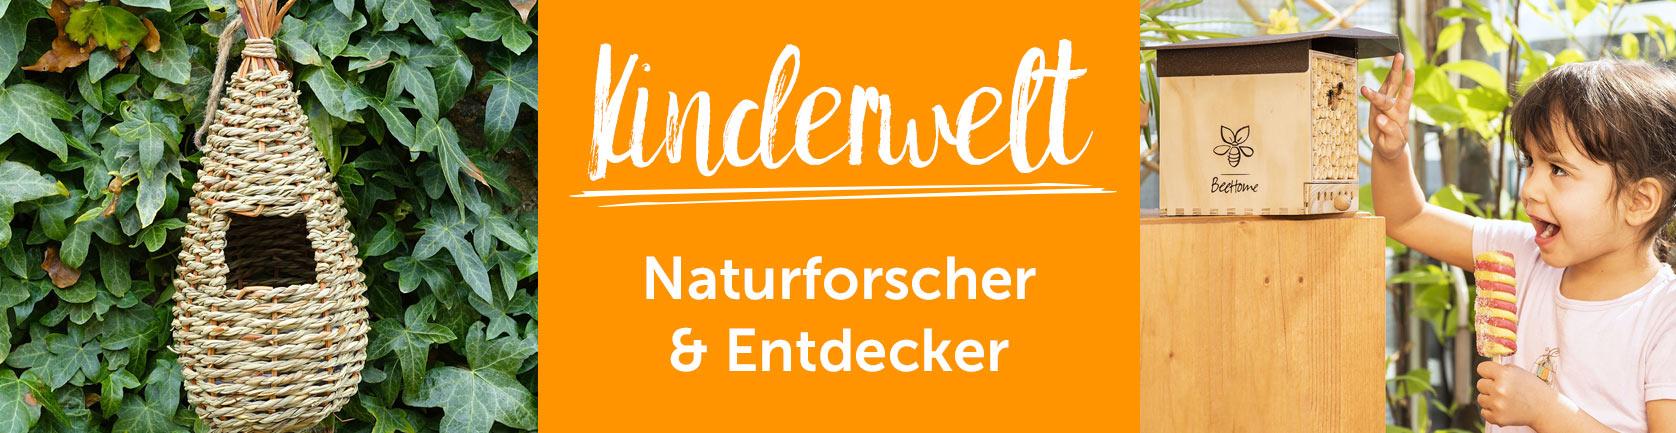 Naturforscher & Entdecker